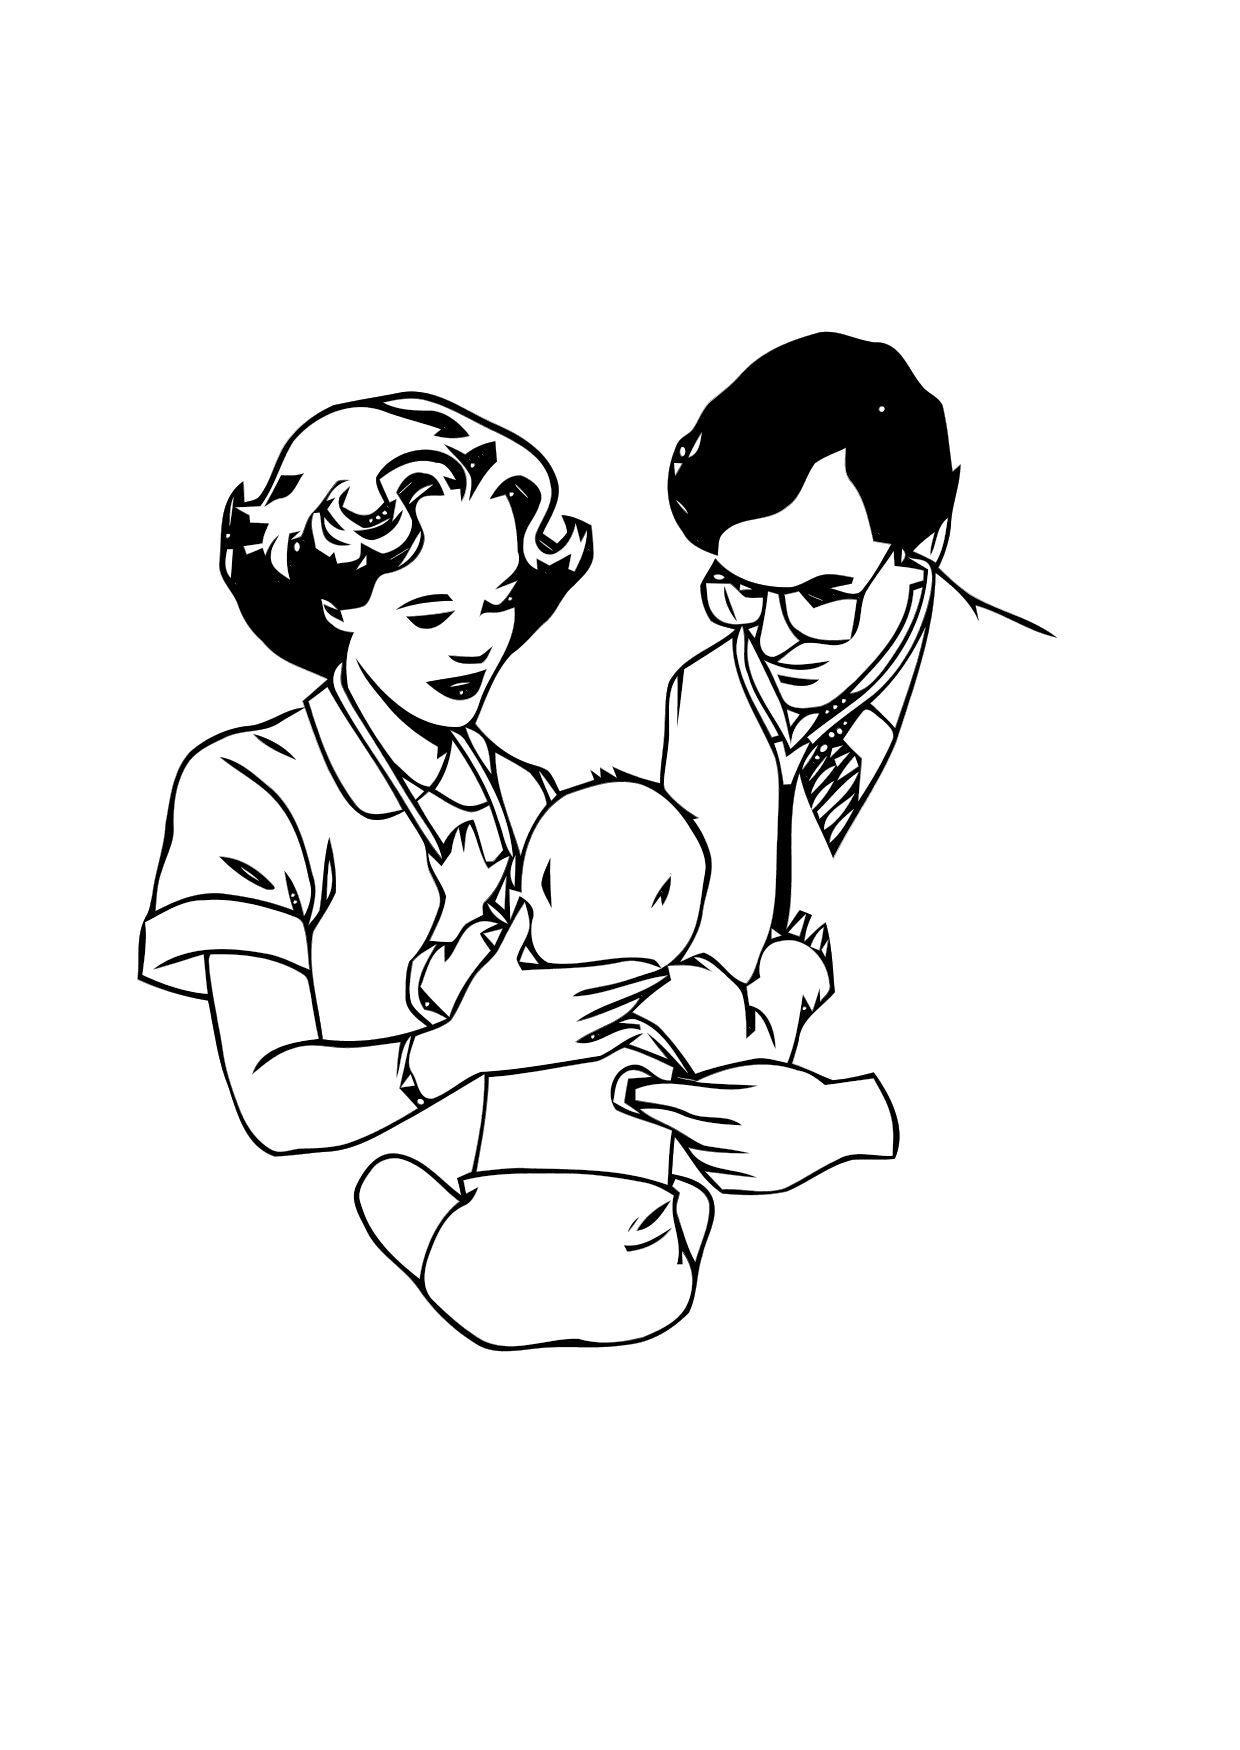 Disegno Da Colorare Pediatra Con Neonato Cat 12123